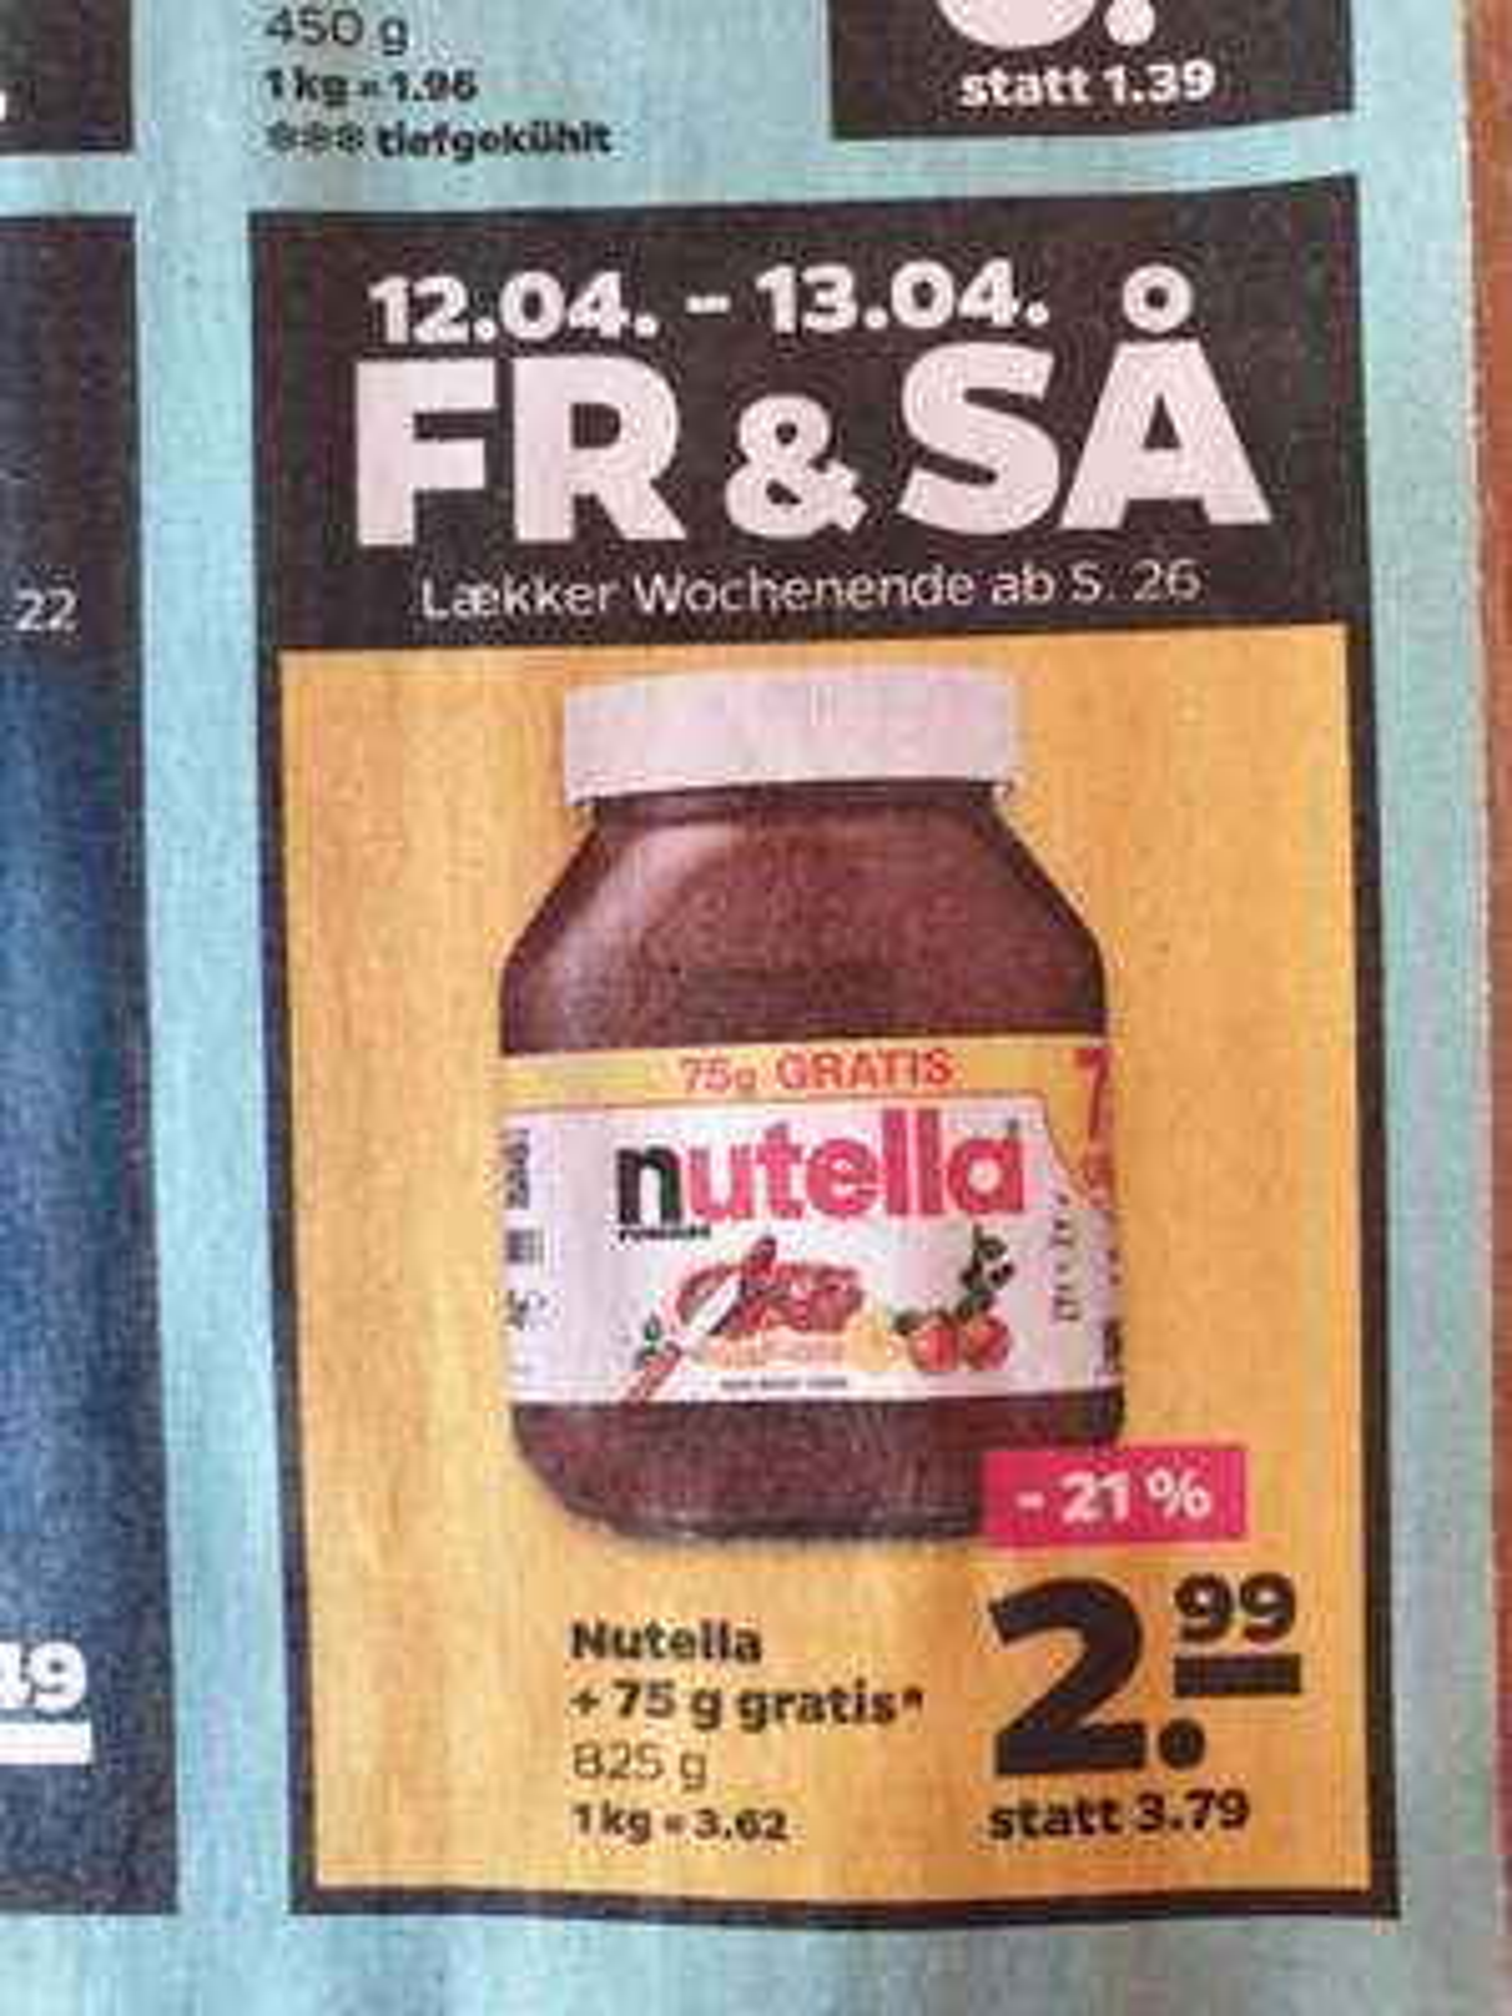 (Netto mit Hund) 12.+13.04. Nutella 825g/2,99 (3,17€/kg möglich dank Cashbackaktion)